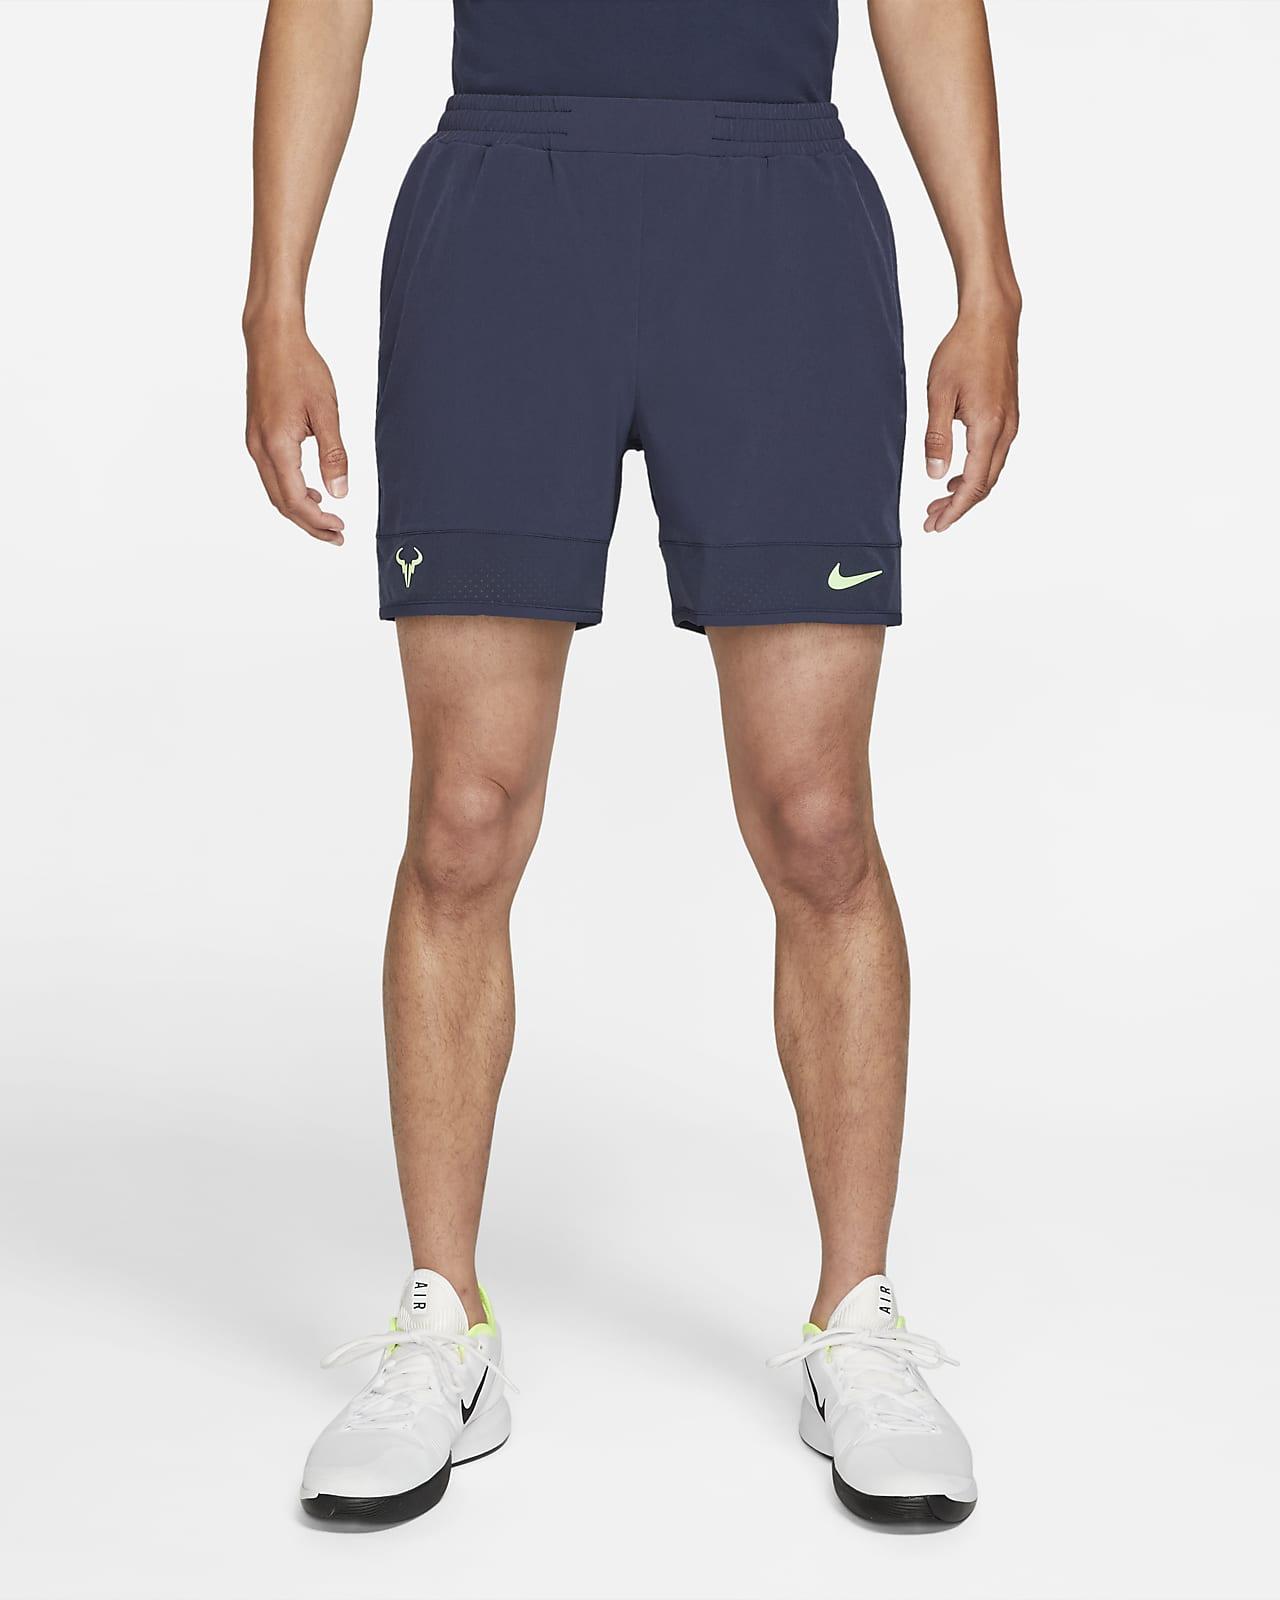 NikeCourt Dri-FIT ADV Rafa 男子网球短裤